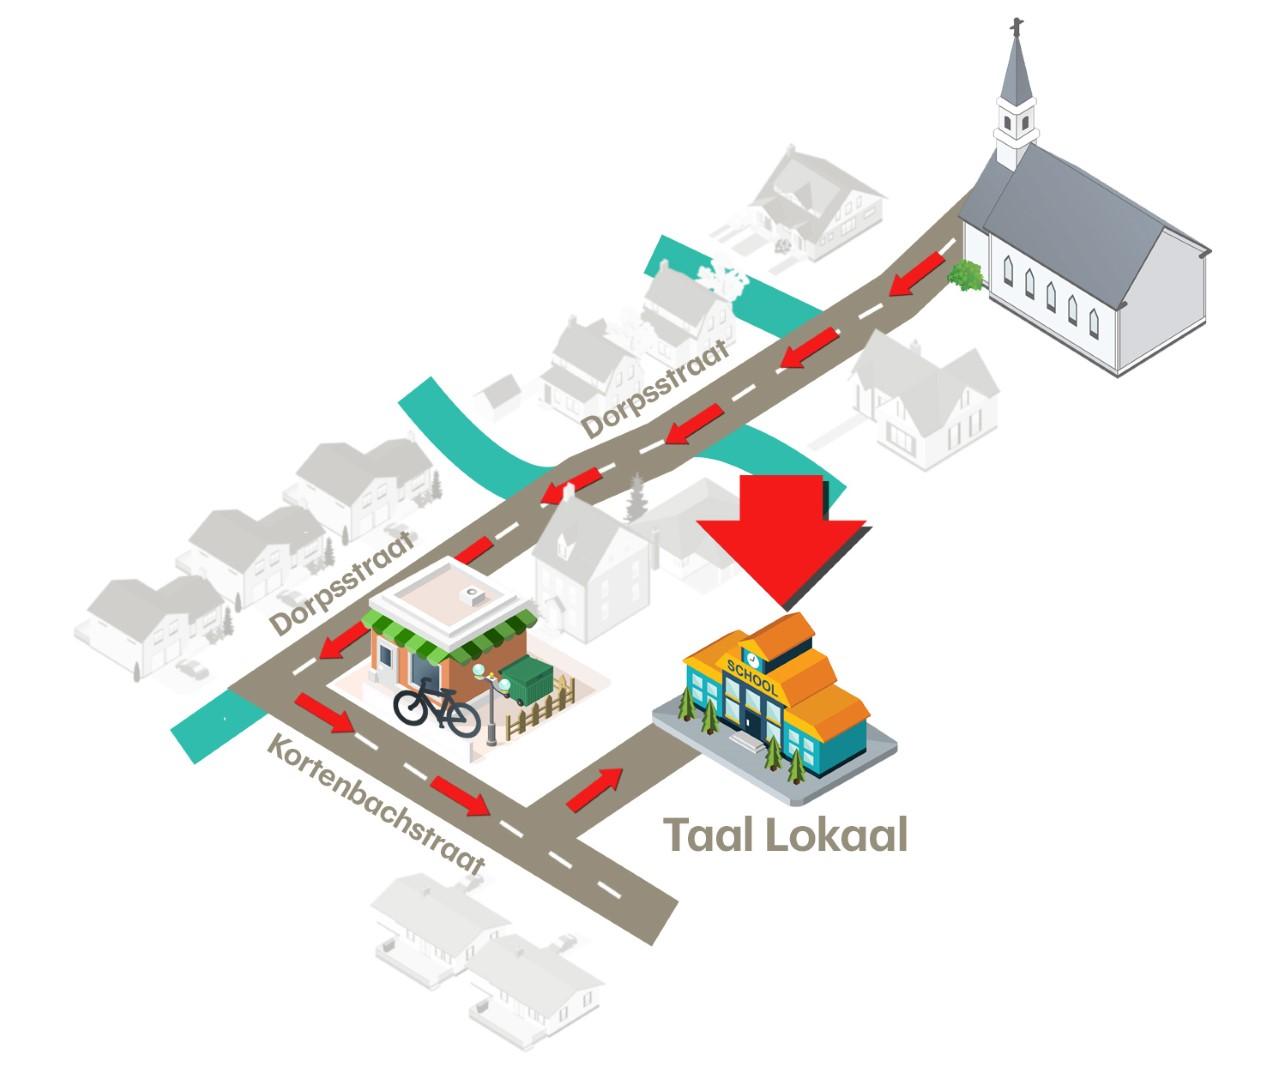 TaalLokaal Noordwijkerhout